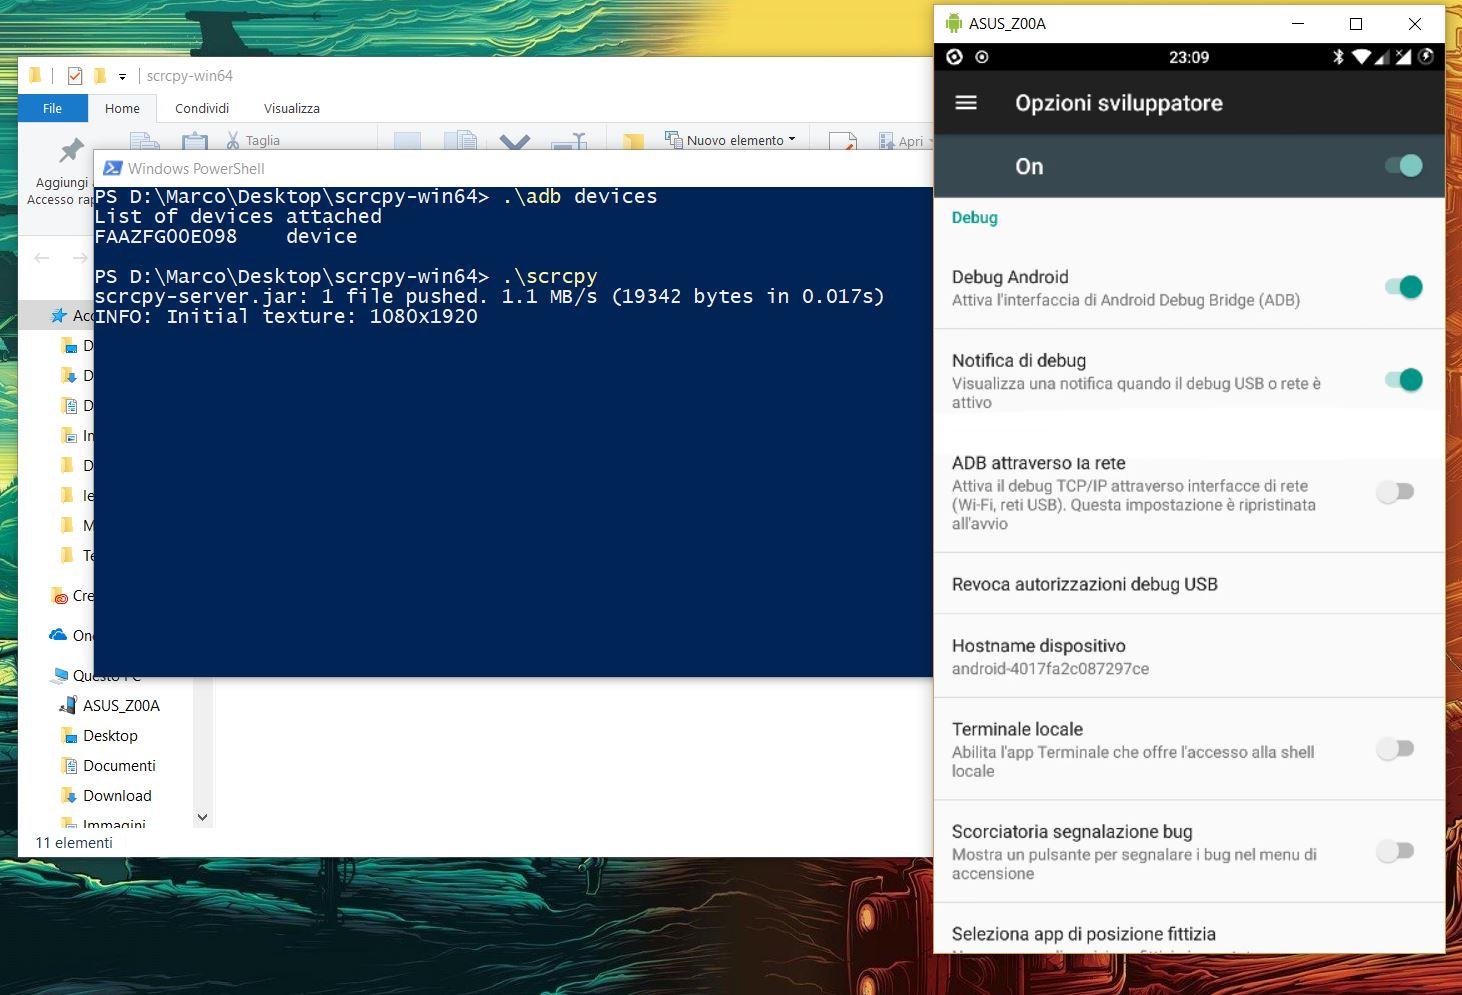 Scrcpy controllare Android da PC